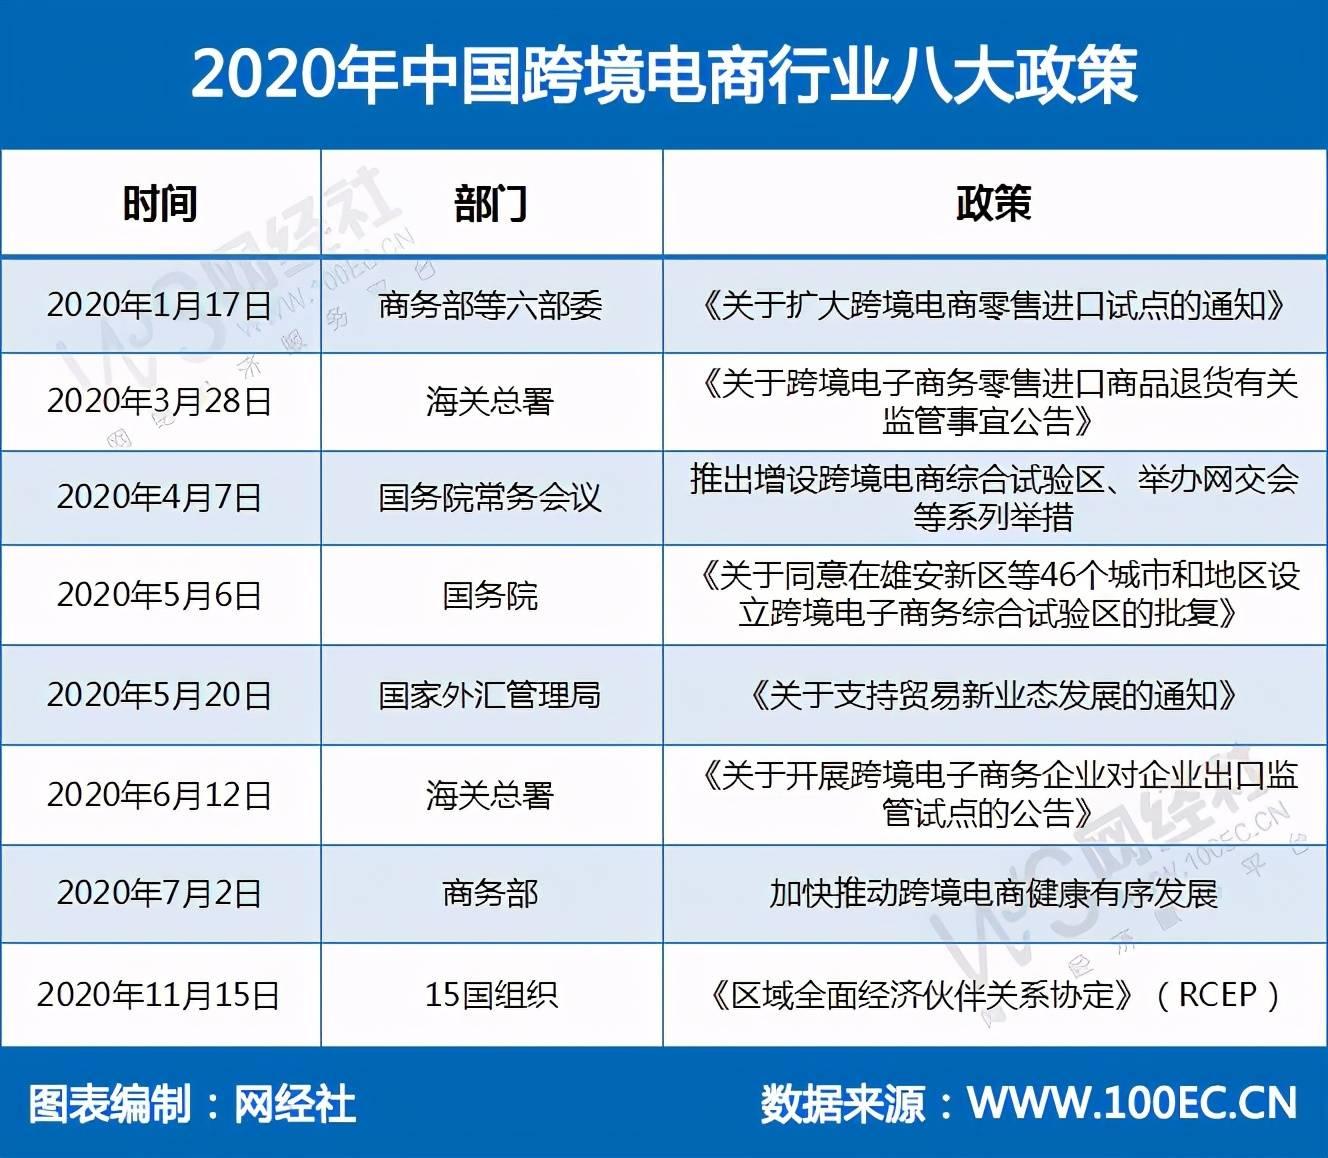 深圳前100跨境电商排名 深圳比较好的电商公司